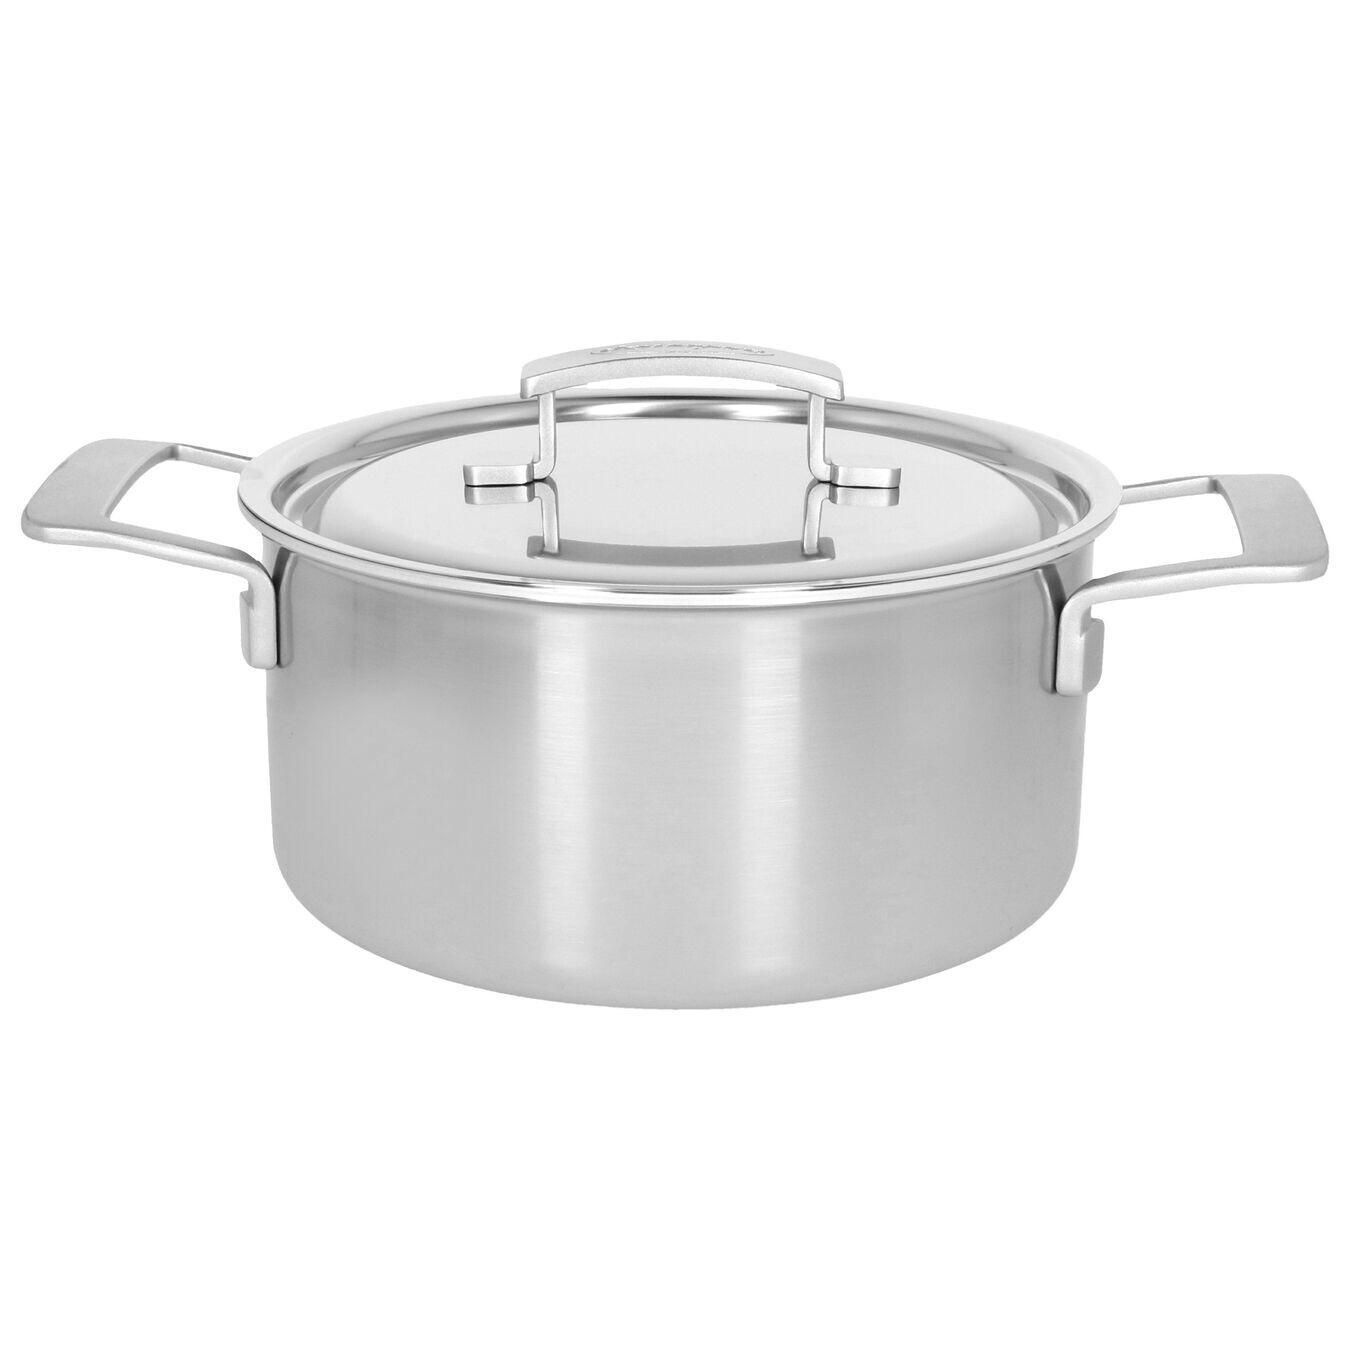 DEMEYERE 'industry 5' kookpot met deksel 22cm / 4L   PROMO 189,00 -30%